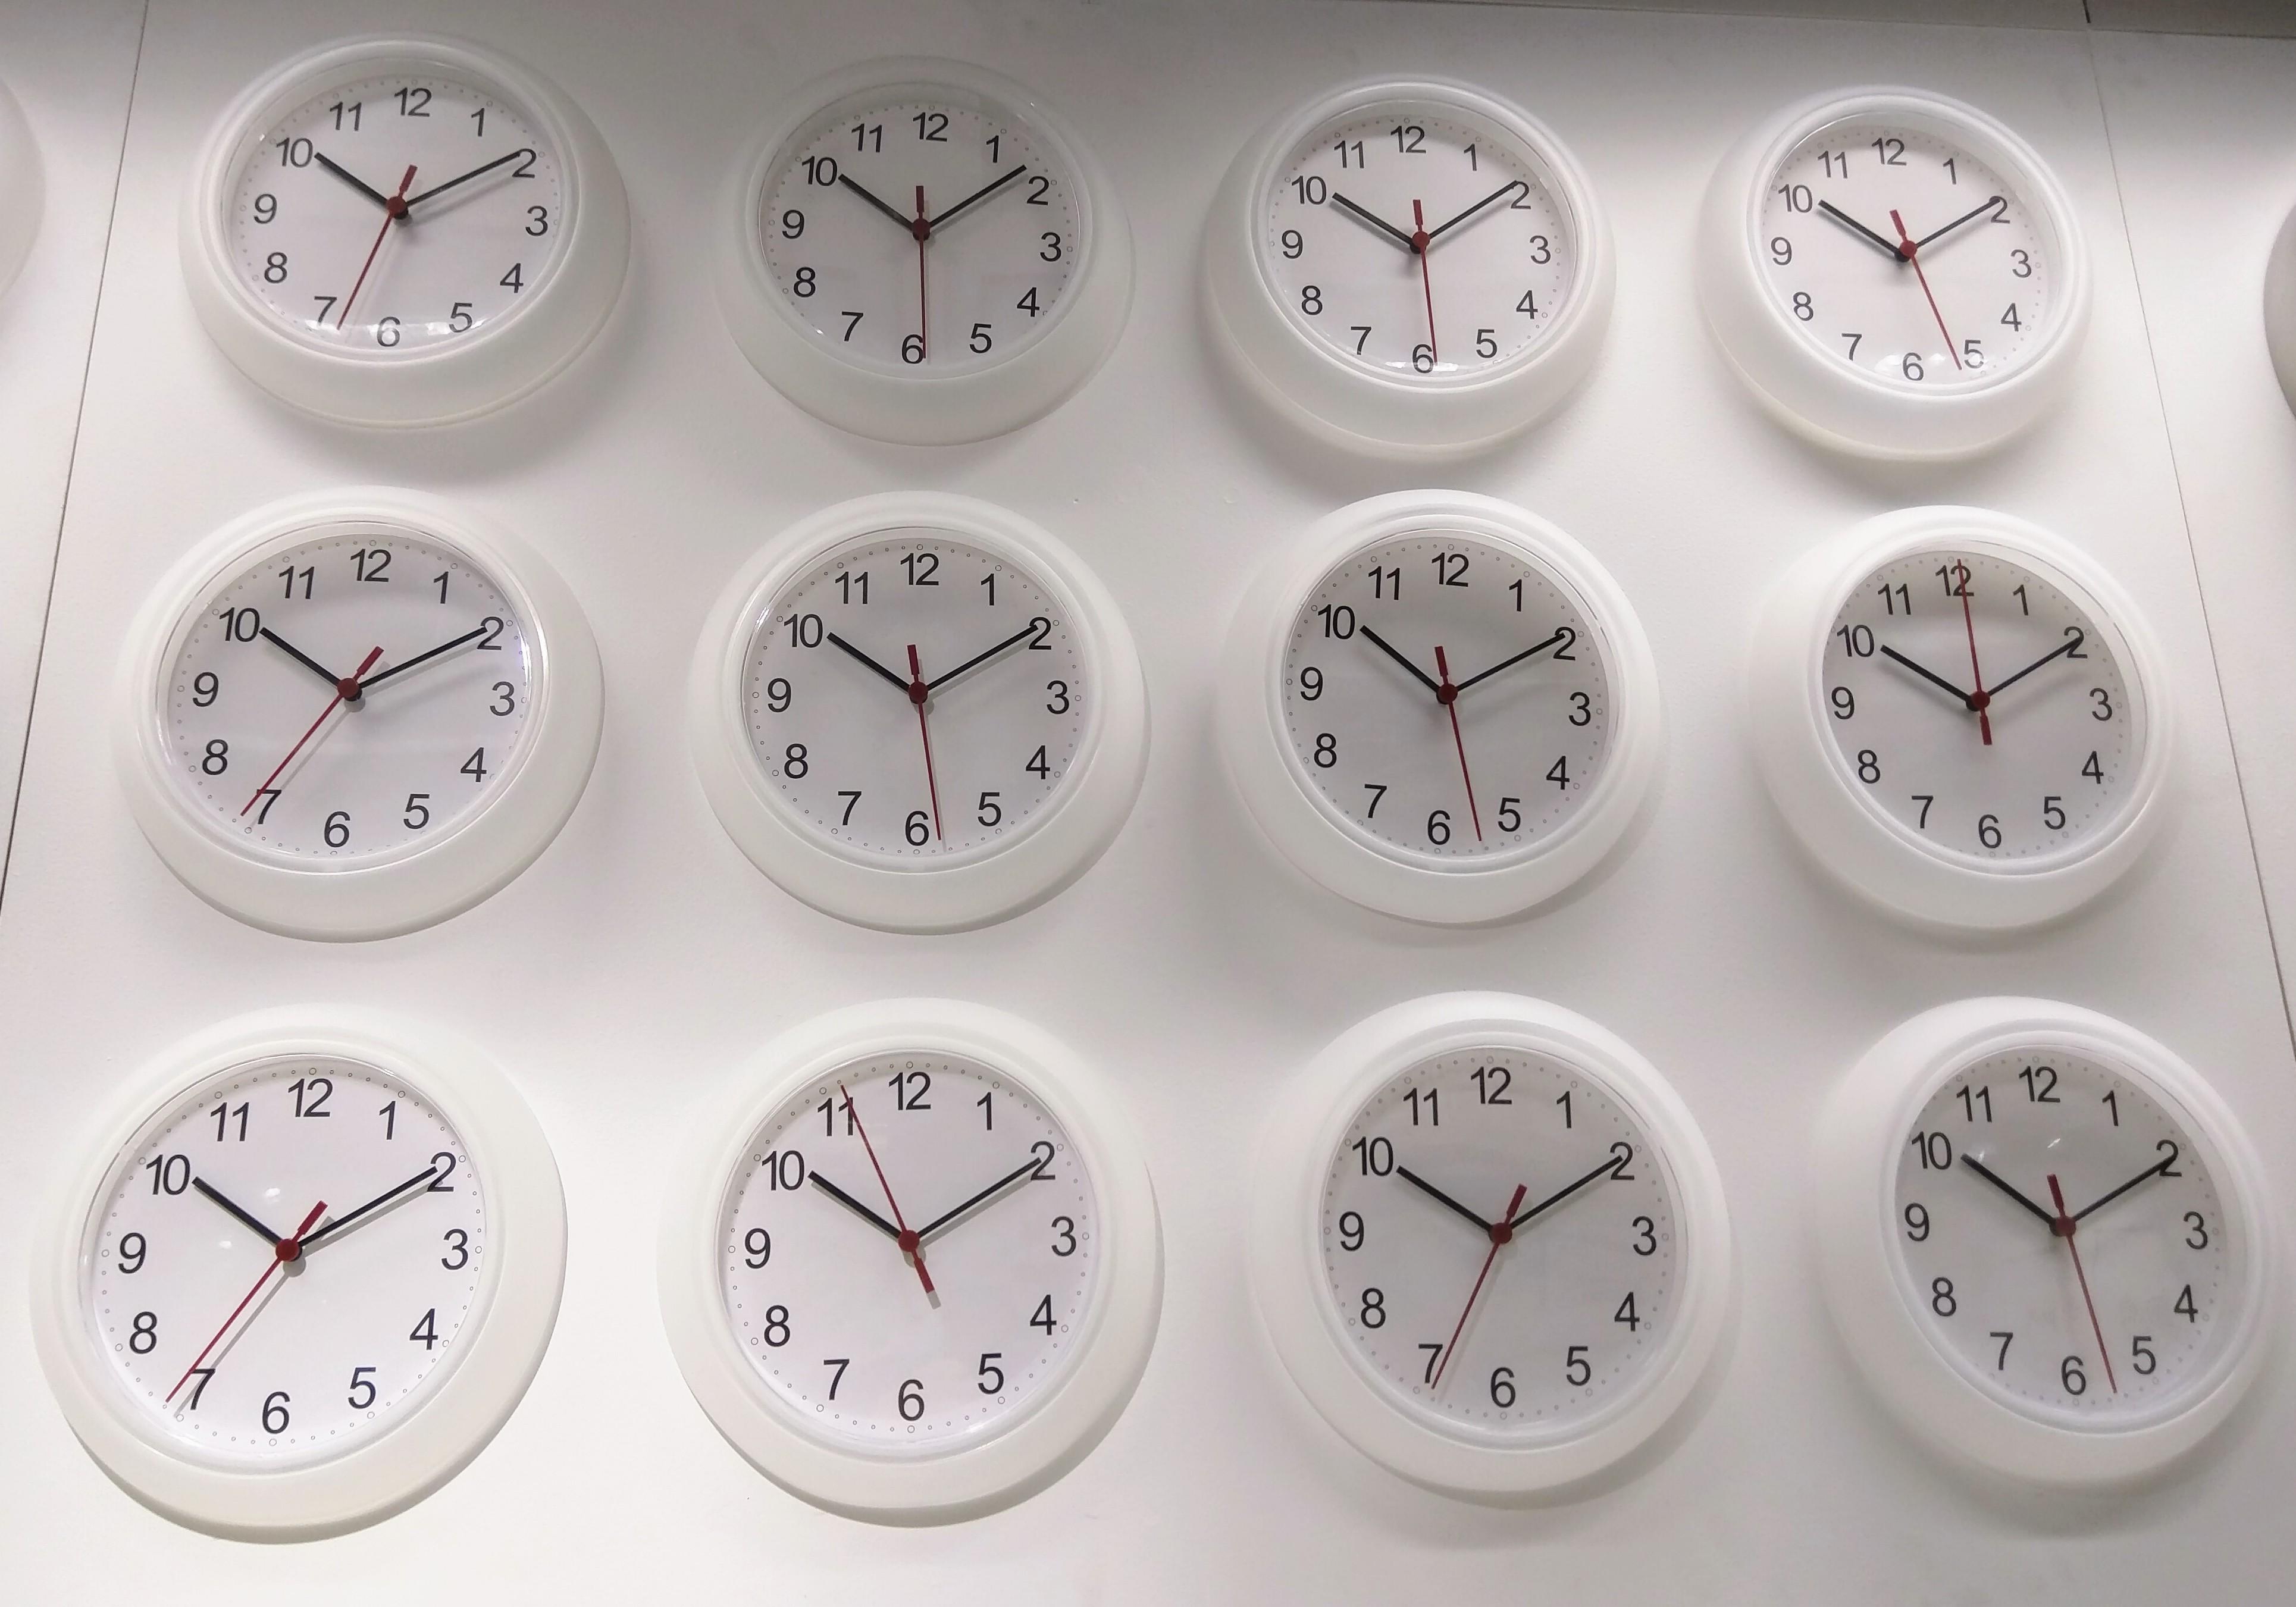 Filewall clocks at ikea storeg wikimedia commons filewall clocks at ikea storeg amipublicfo Gallery